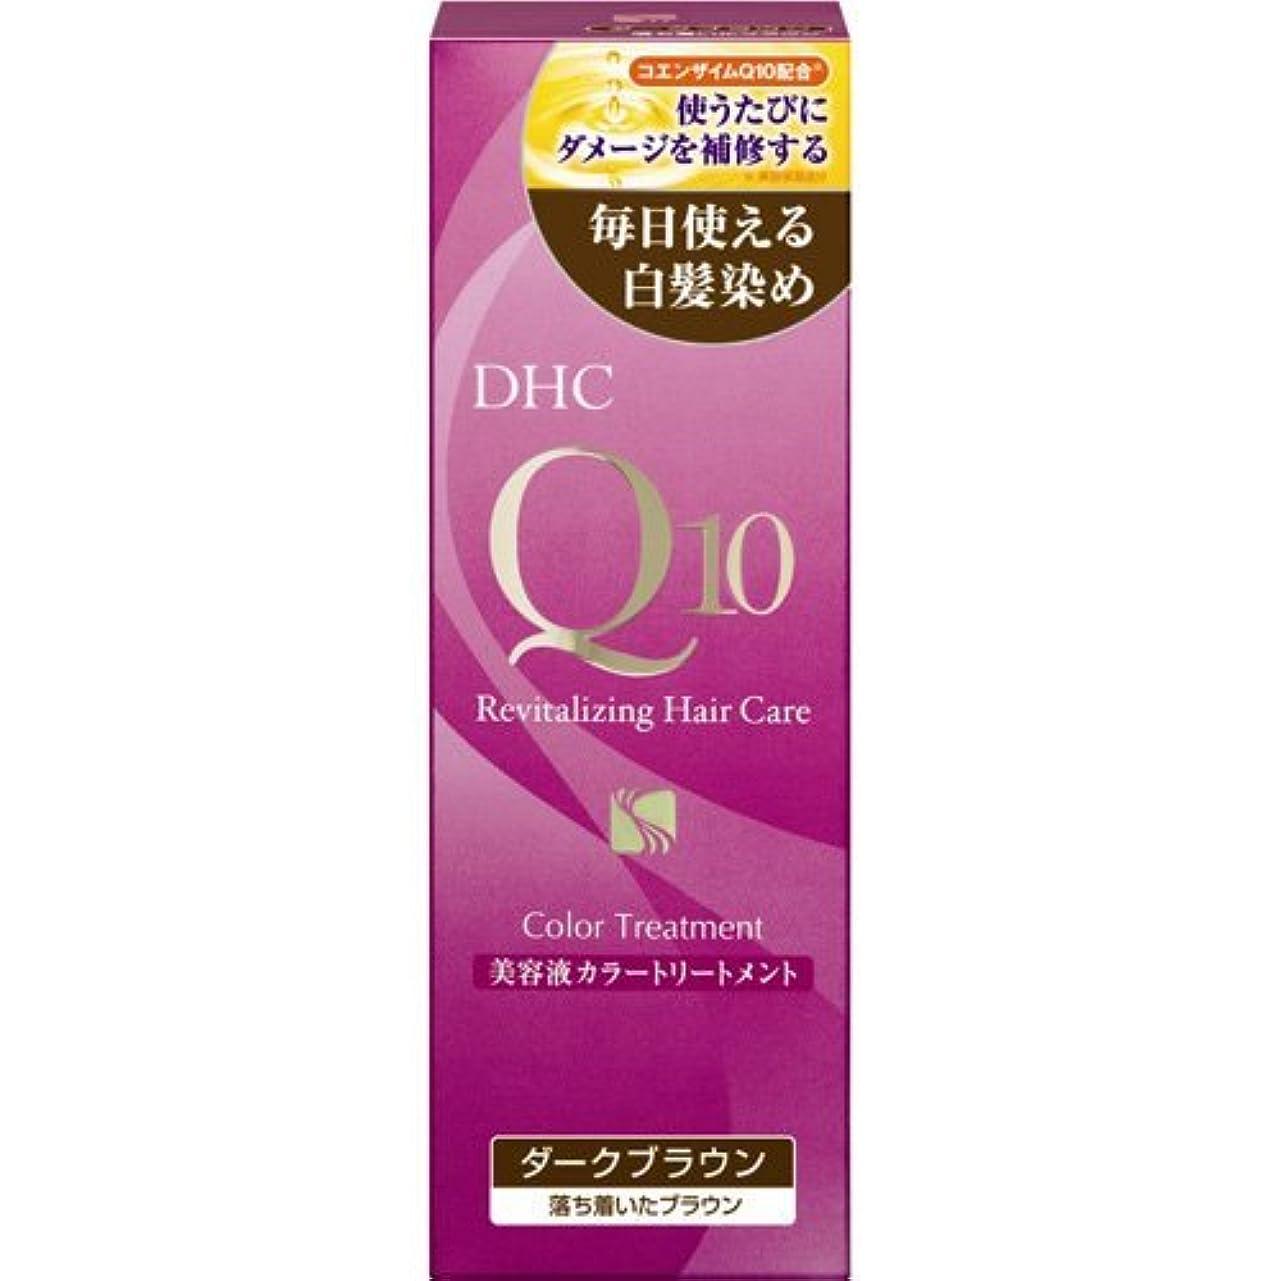 ゆりいま乗算【まとめ買い】DHC Q10美溶液カラートリートメントDブラウンSS170g ×3個